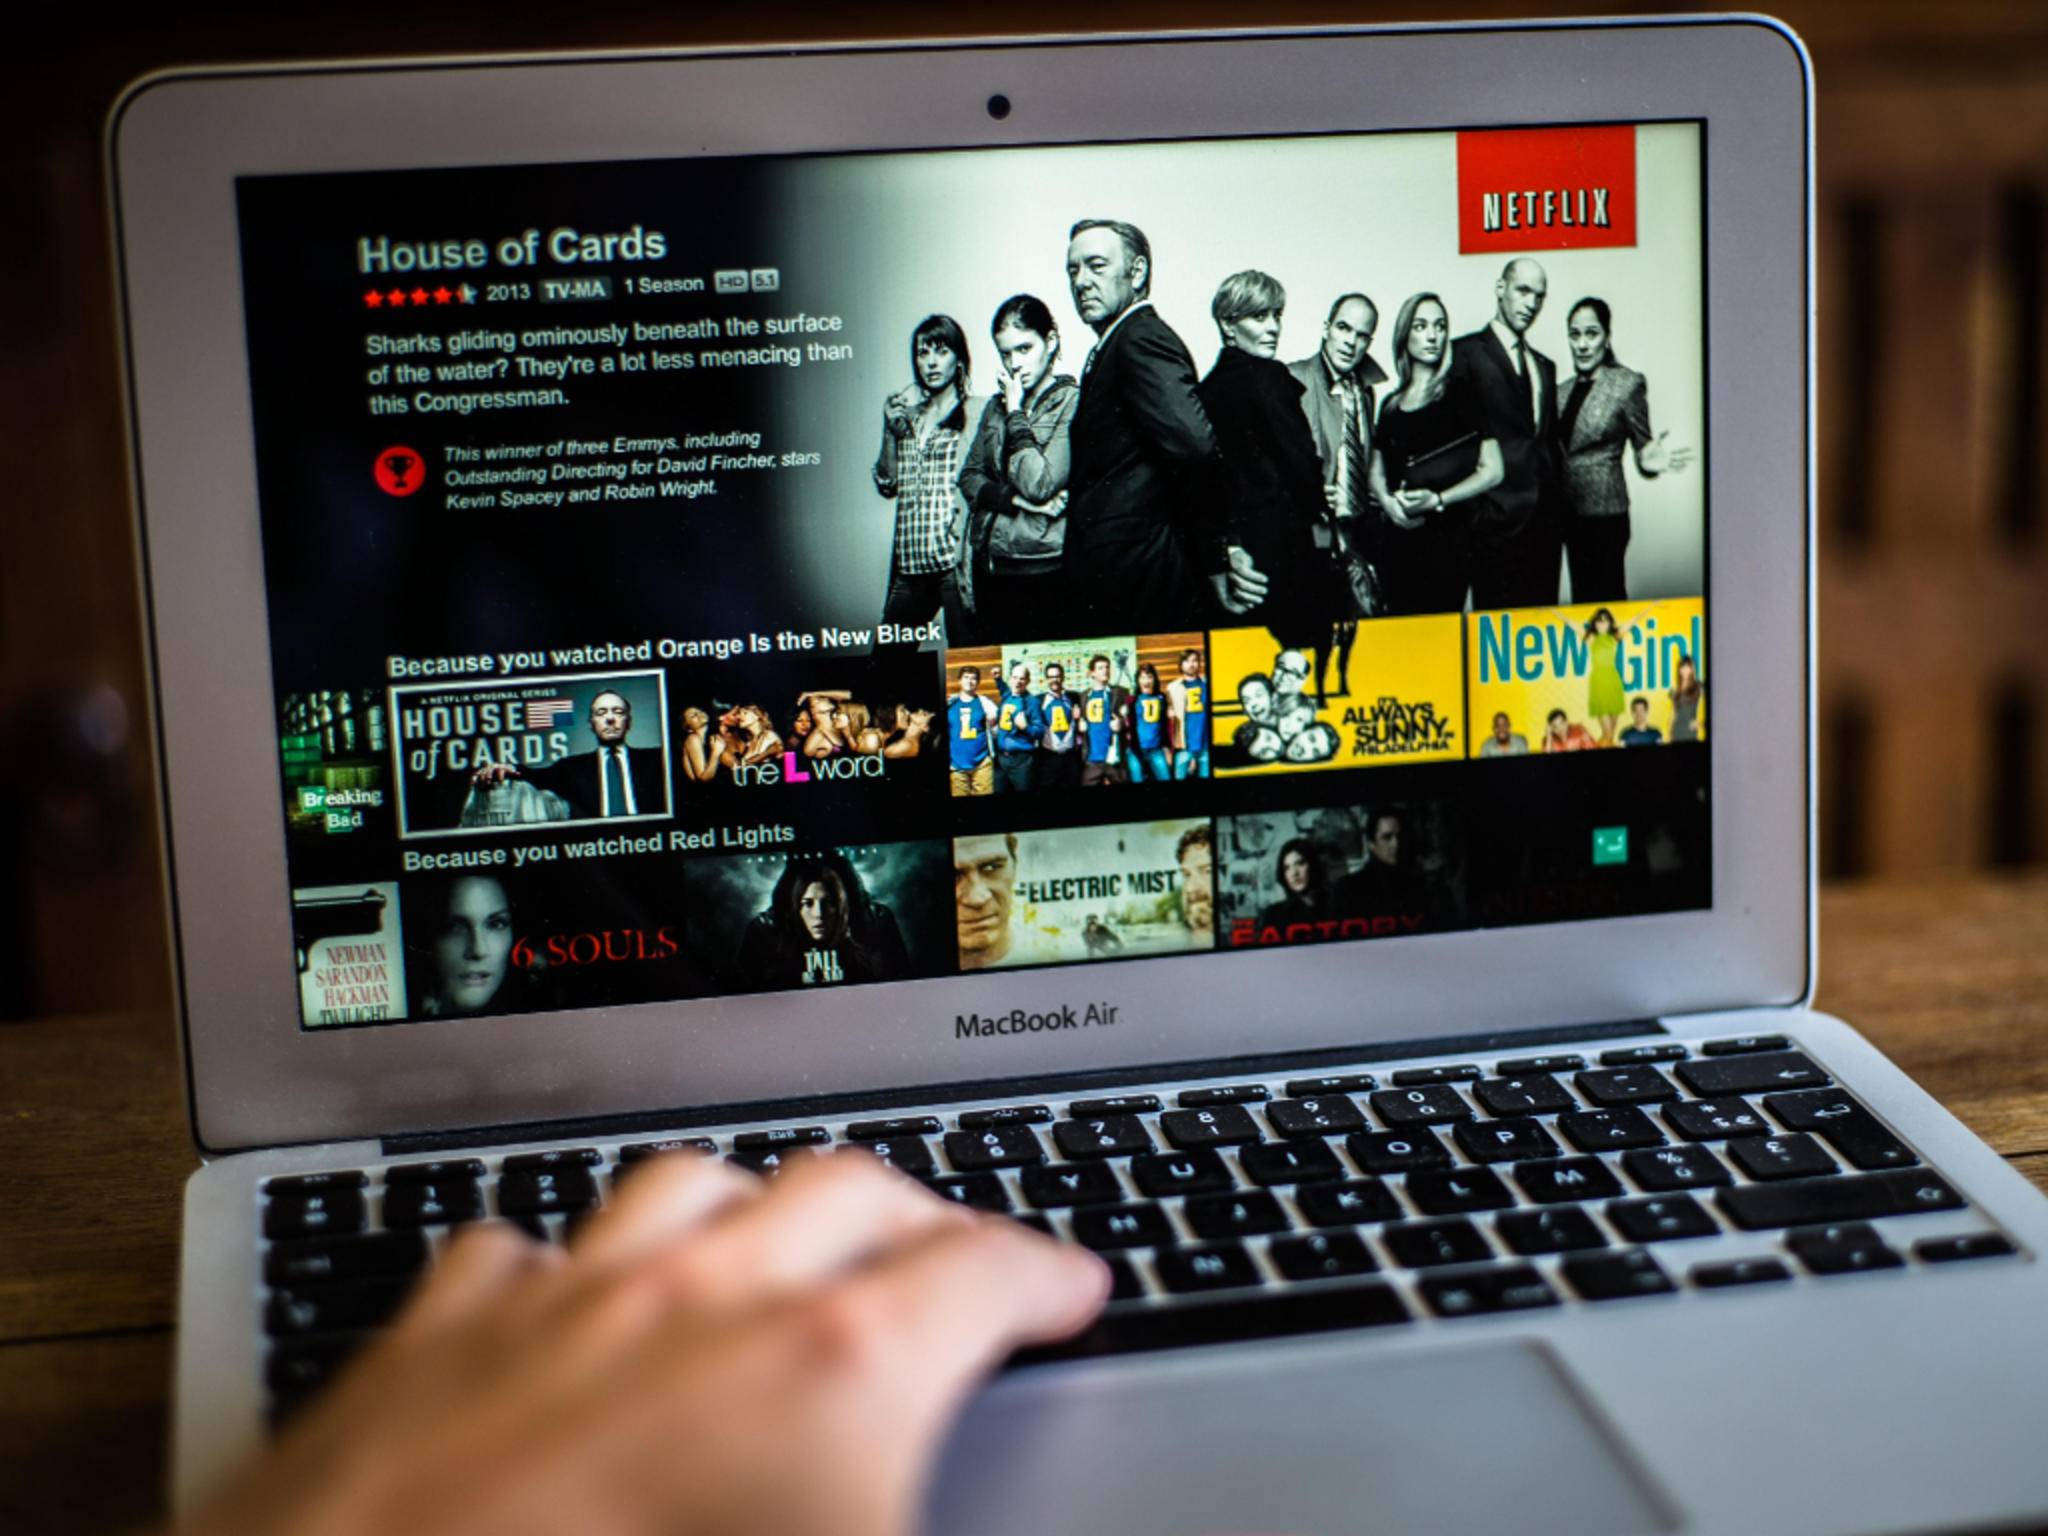 Ganz bequem seine Lieblingsserie schauen: Netflix ist auf Platz 3 der Technik-Begriffe.